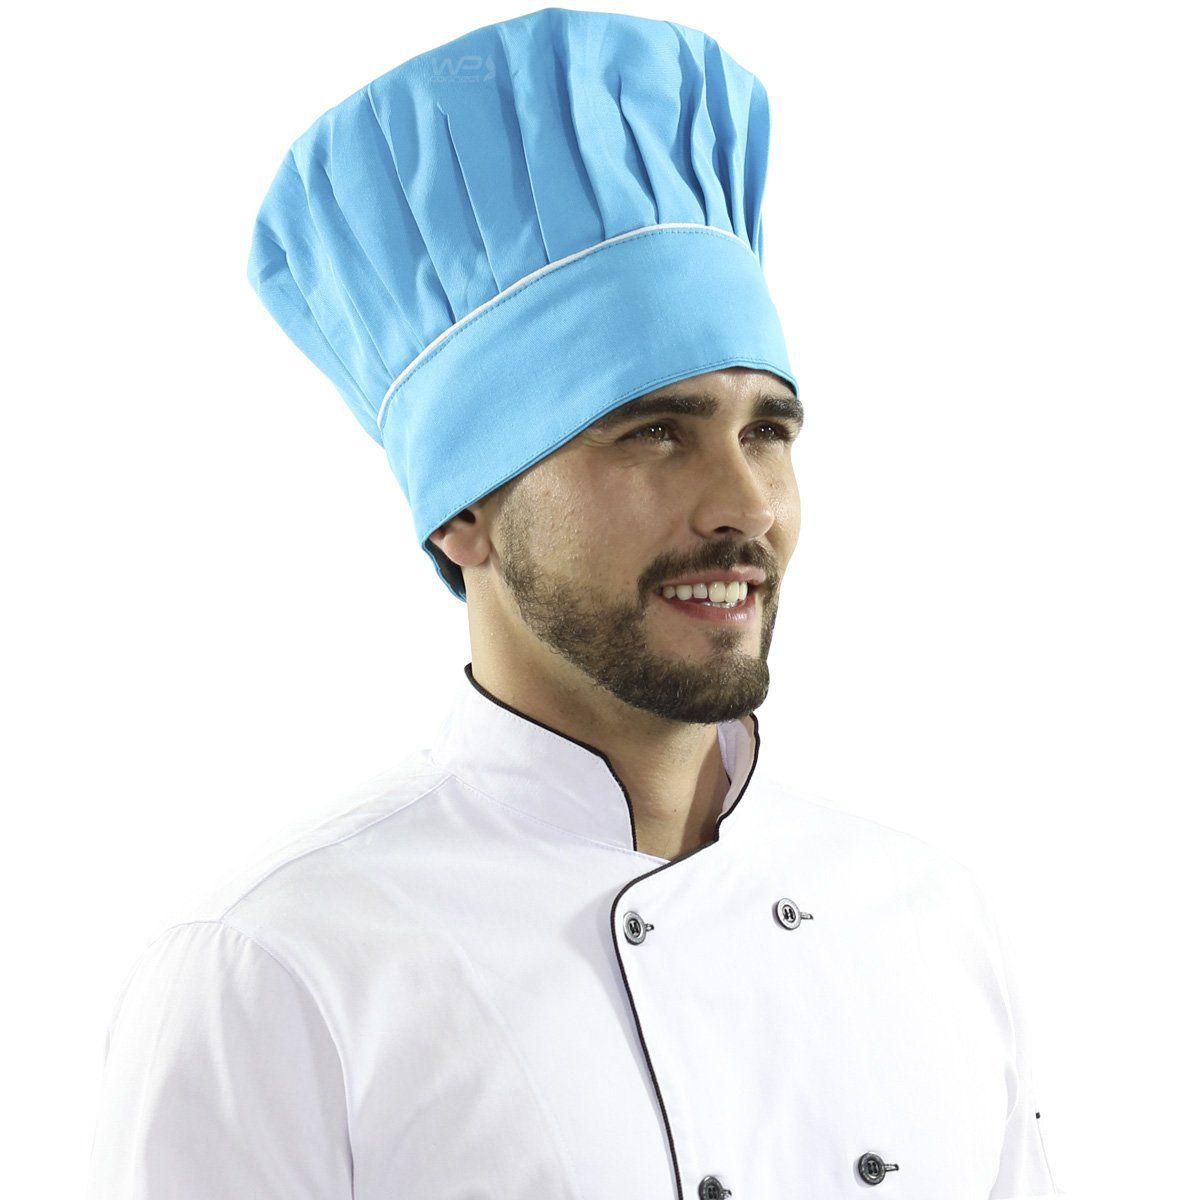 Touca Mestre Cuca Com Detalhe Listra Branca - Azul Caribe - WP Connect fcd32d4259e